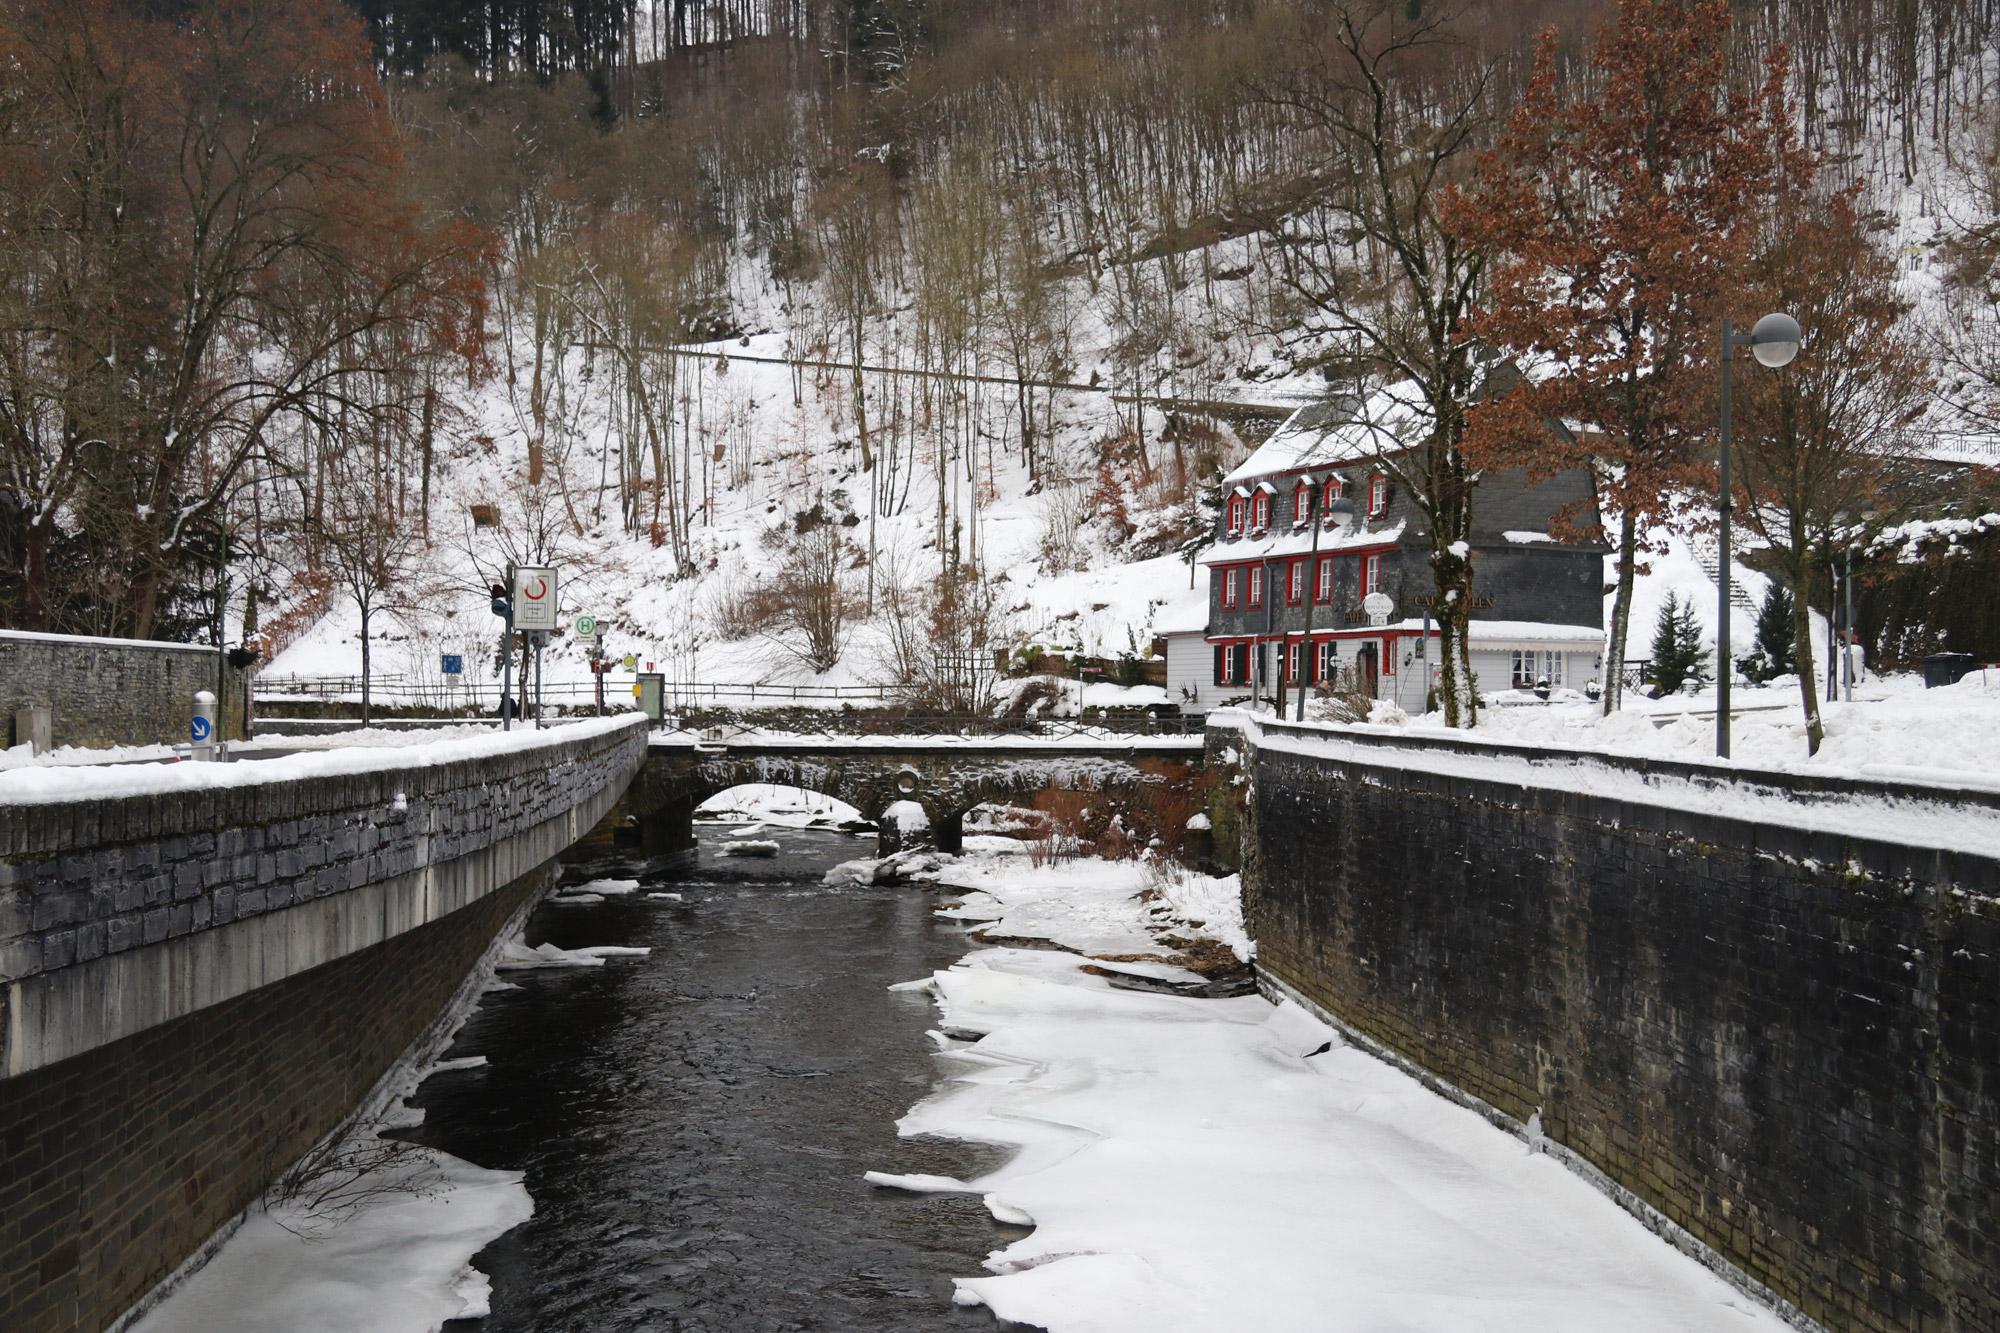 Weekendje in Monschau in 10 beelden - Aankomst in de sneeuw